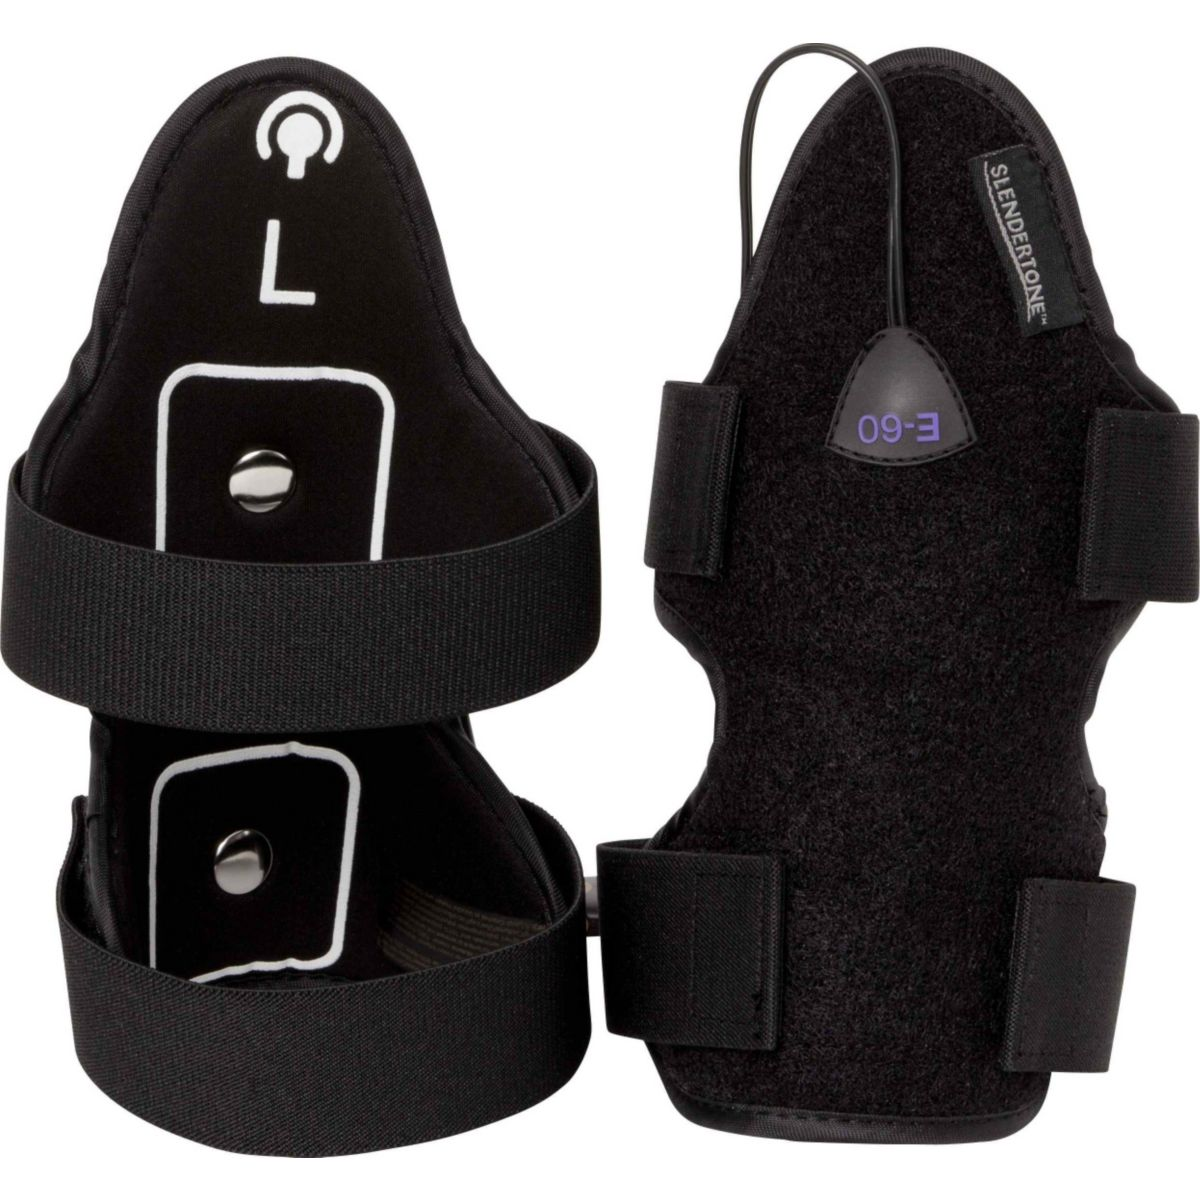 Accessoire slendertone bras femme - livraison offerte : code livprem (photo)